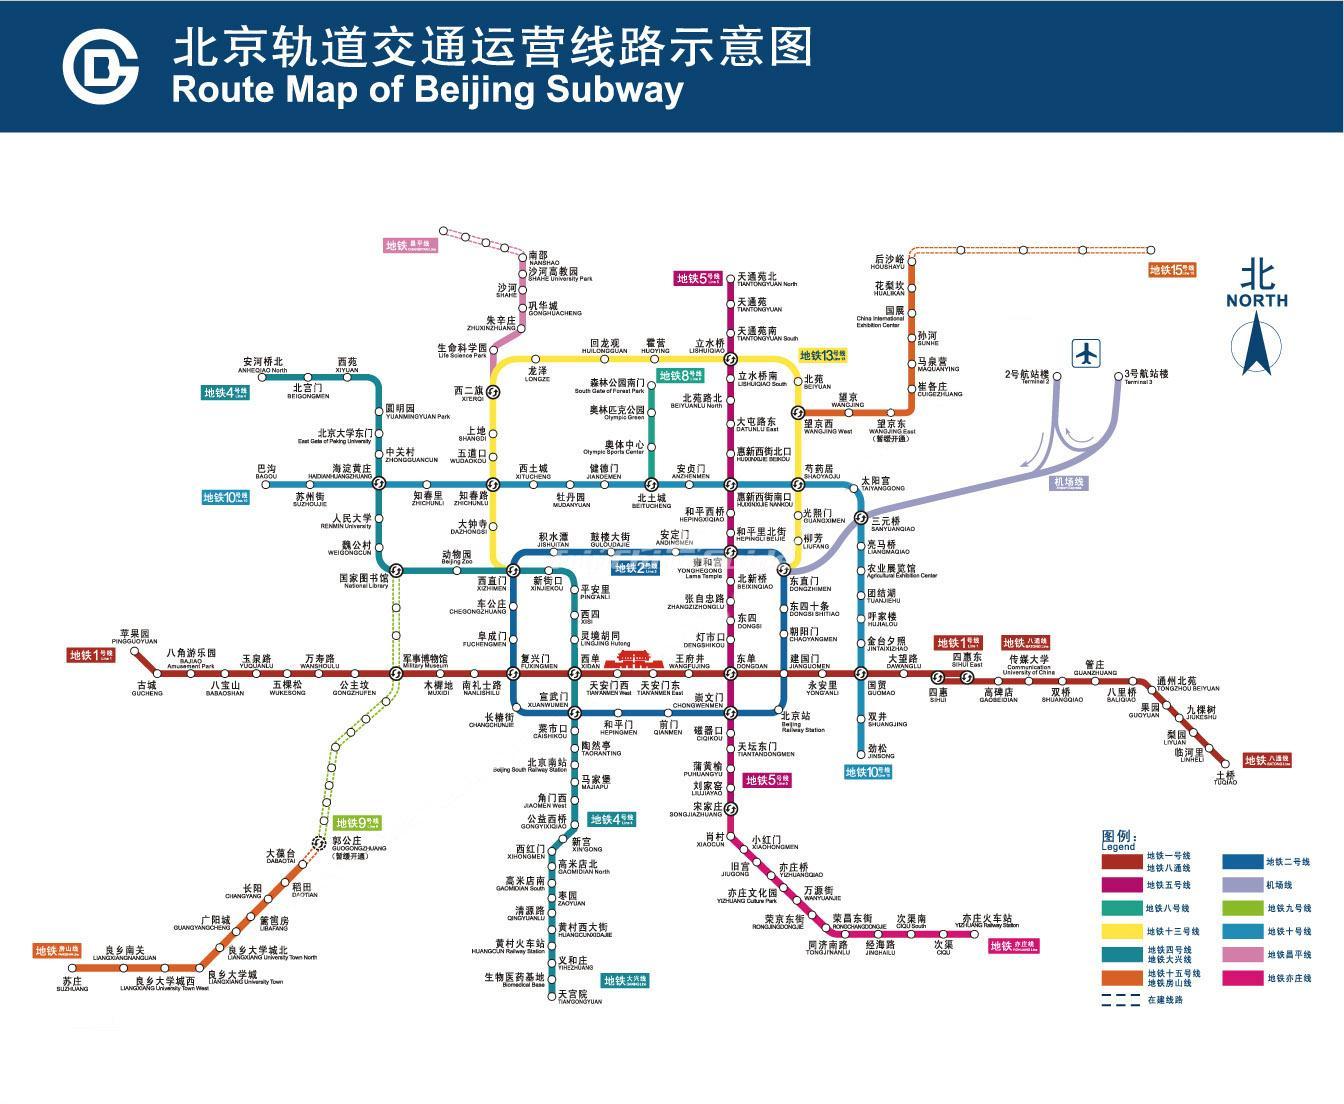 Beijing Subway Map4 Maps of Beijing